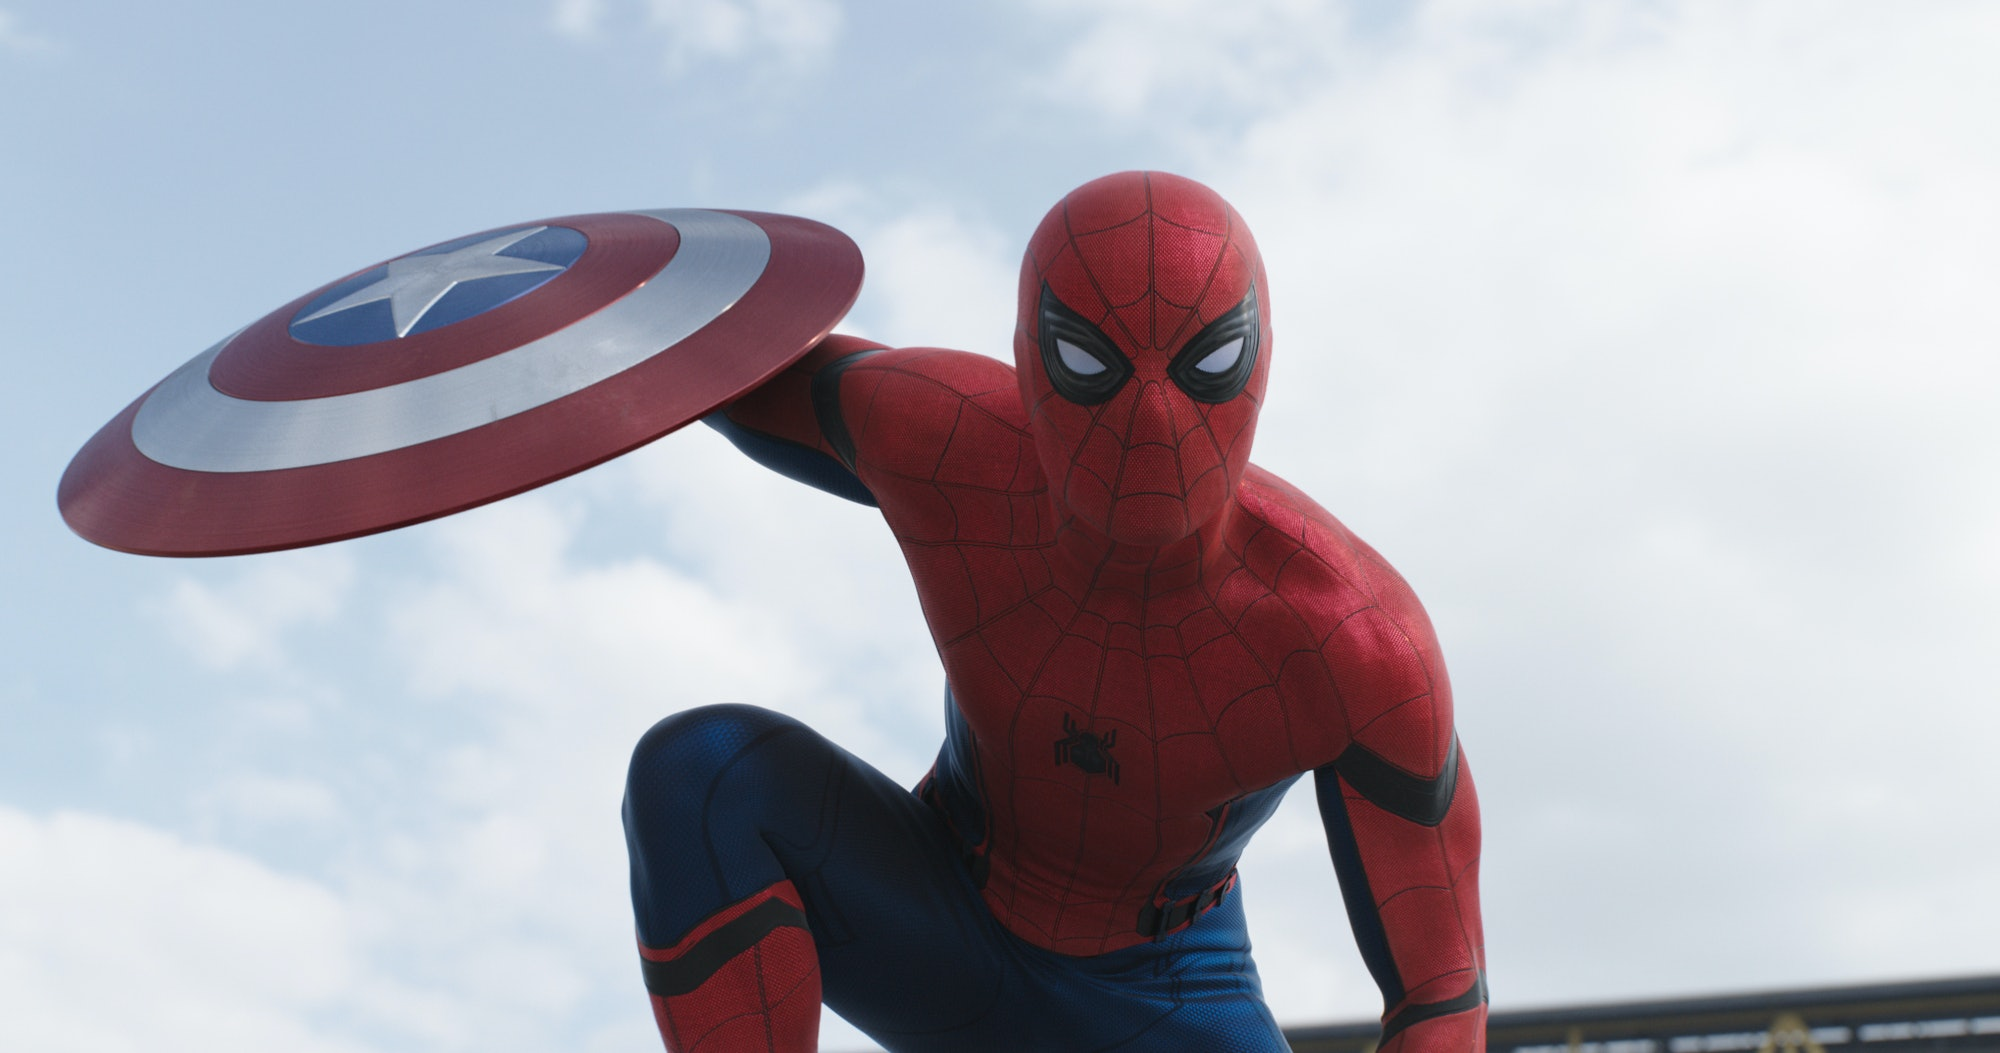 Spider-Man Civil War Avengers Endgame